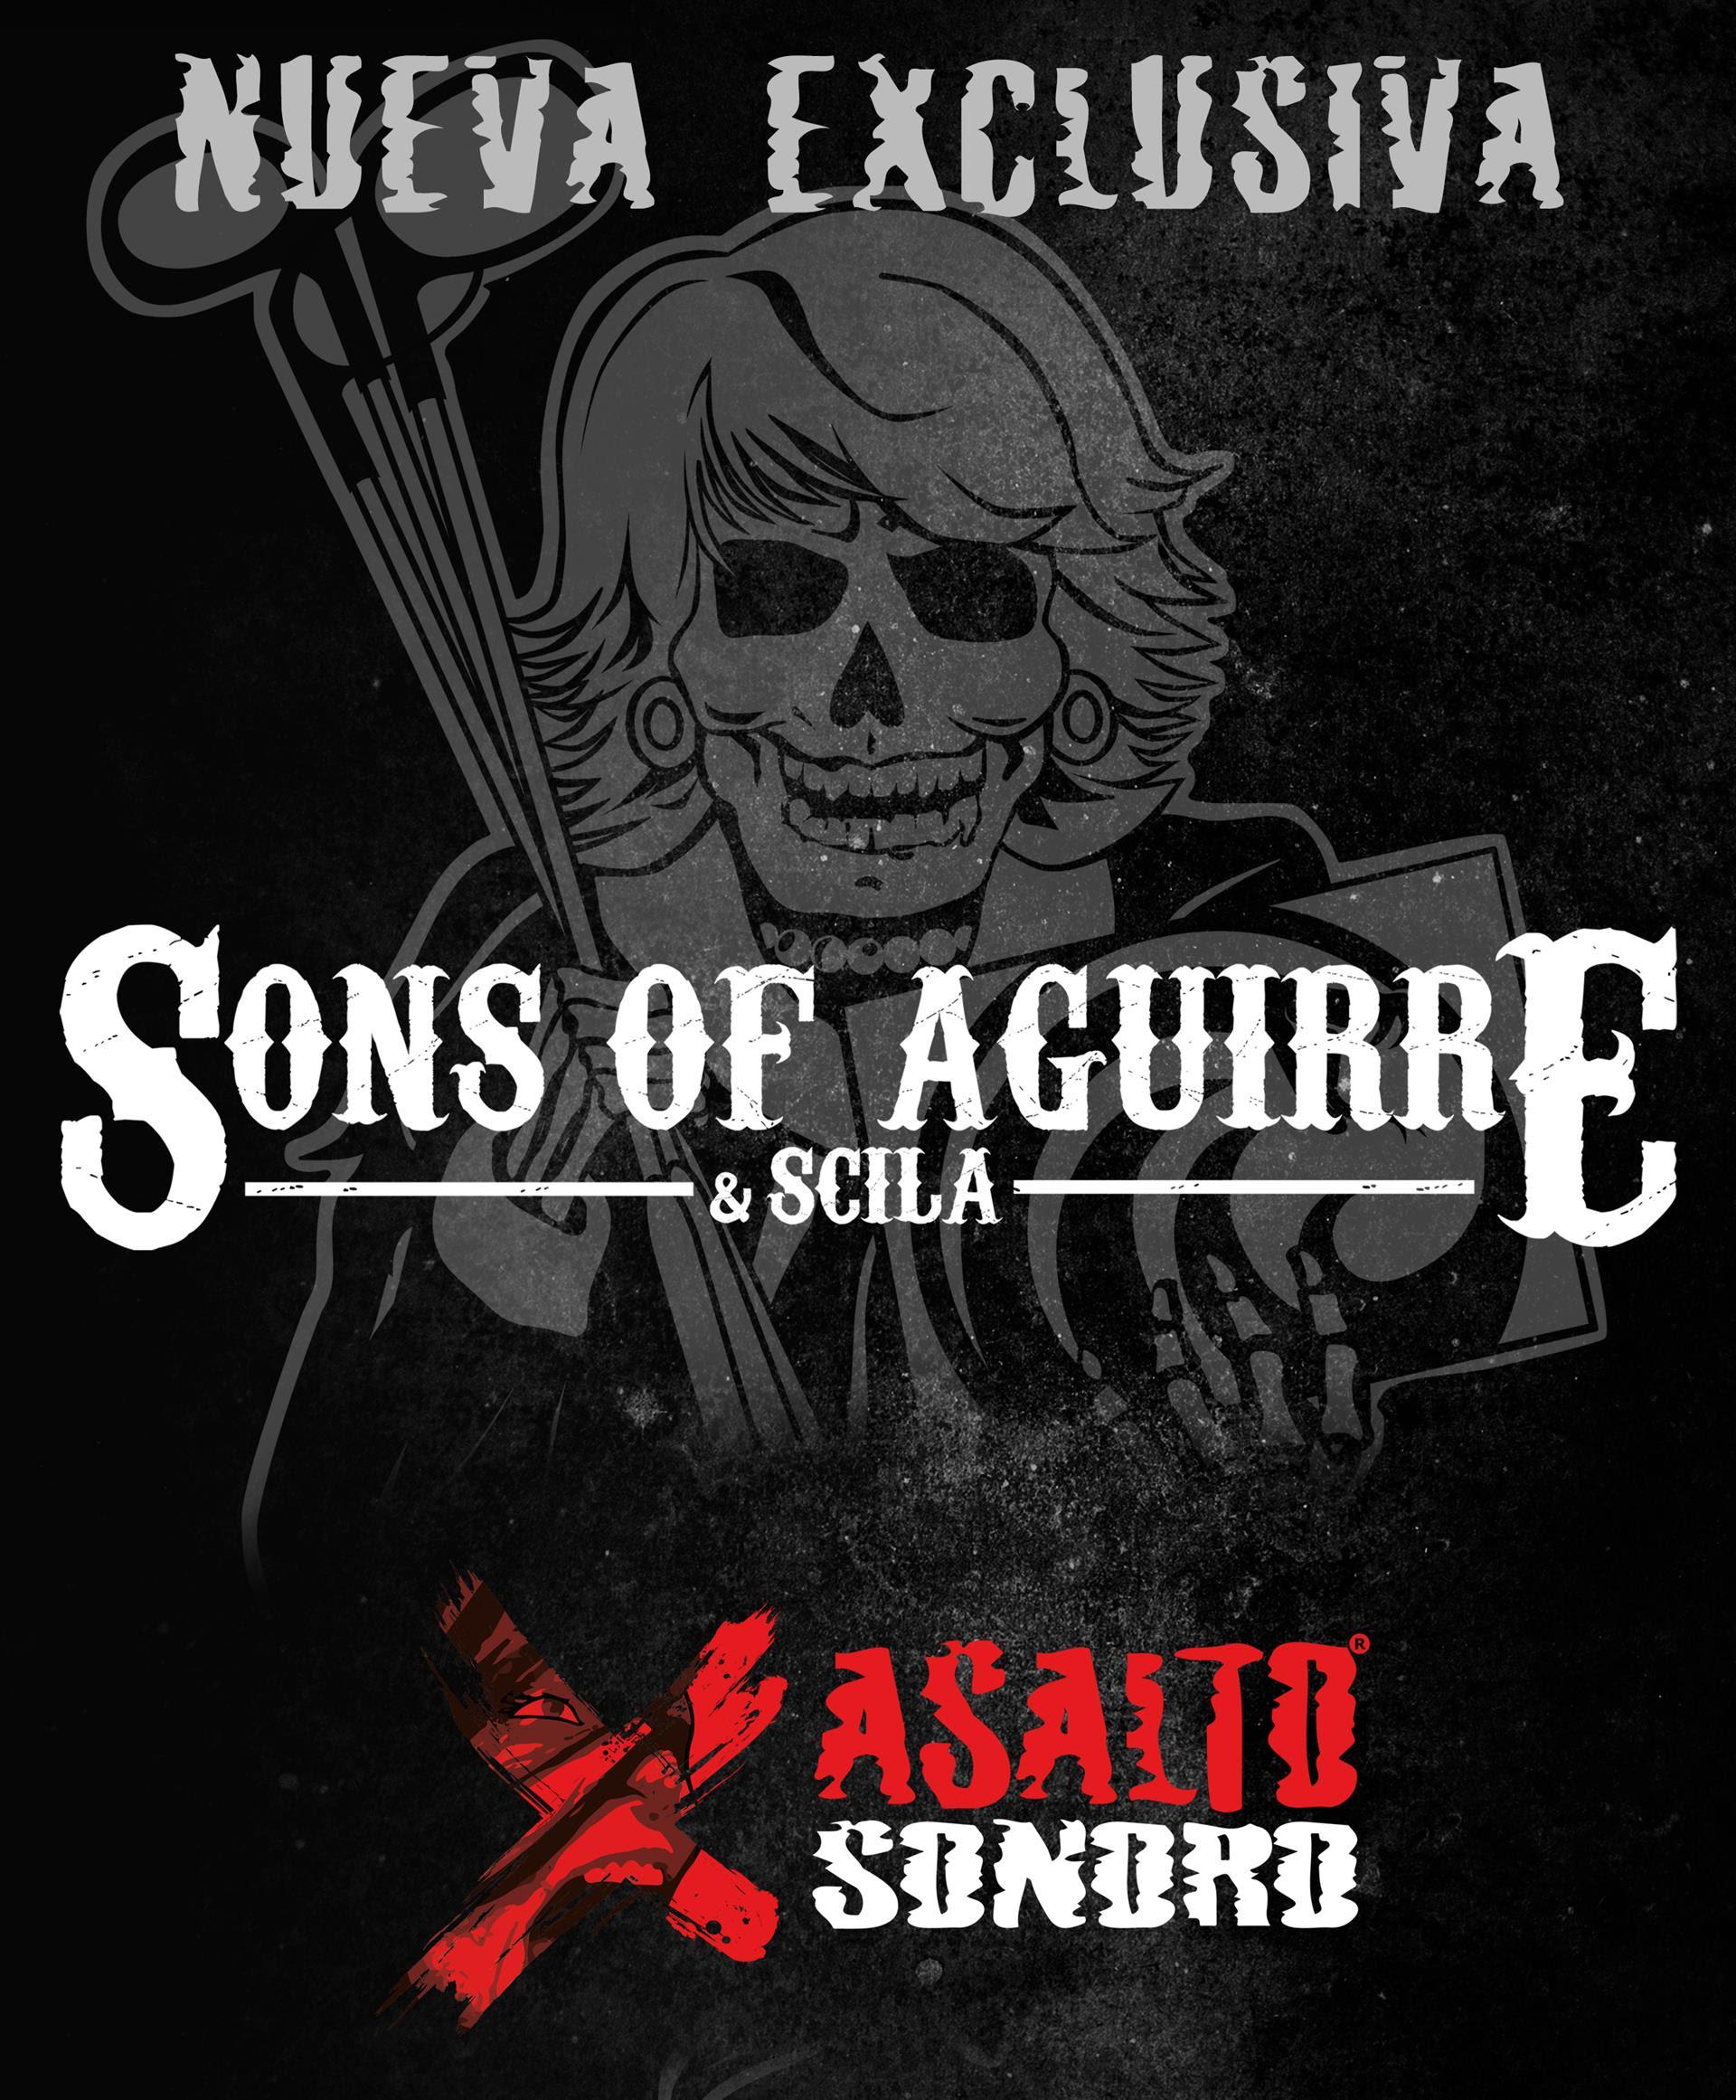 SONS OF AGUIRRE & SCILA – UNEN SUS FUERZAS CON ASALTO SONORO MANAGEMENT.